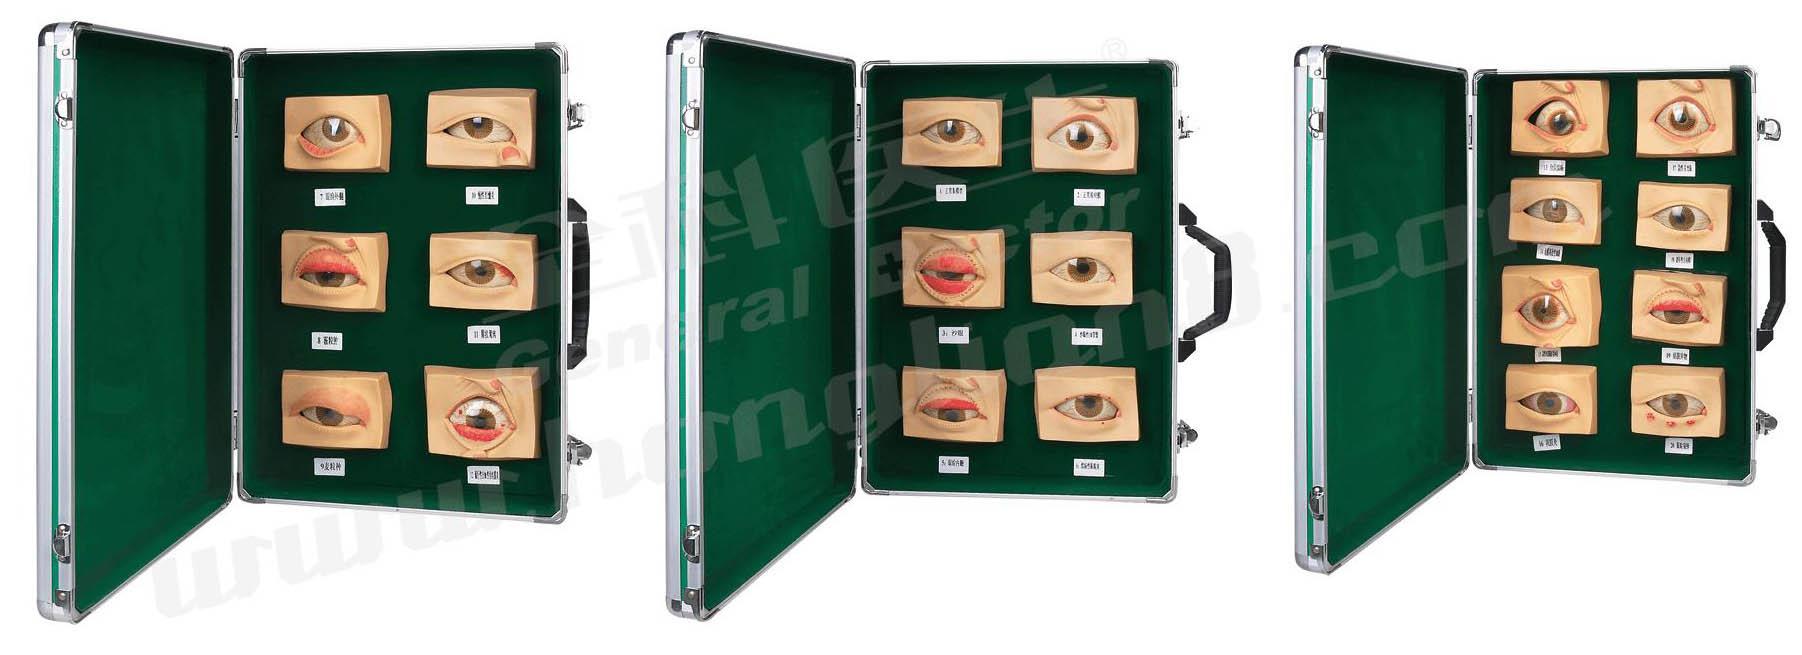 常见眼病模型是我公司自行研发生产热销的医学教学模型,欢迎各医院单位订购021-63283651